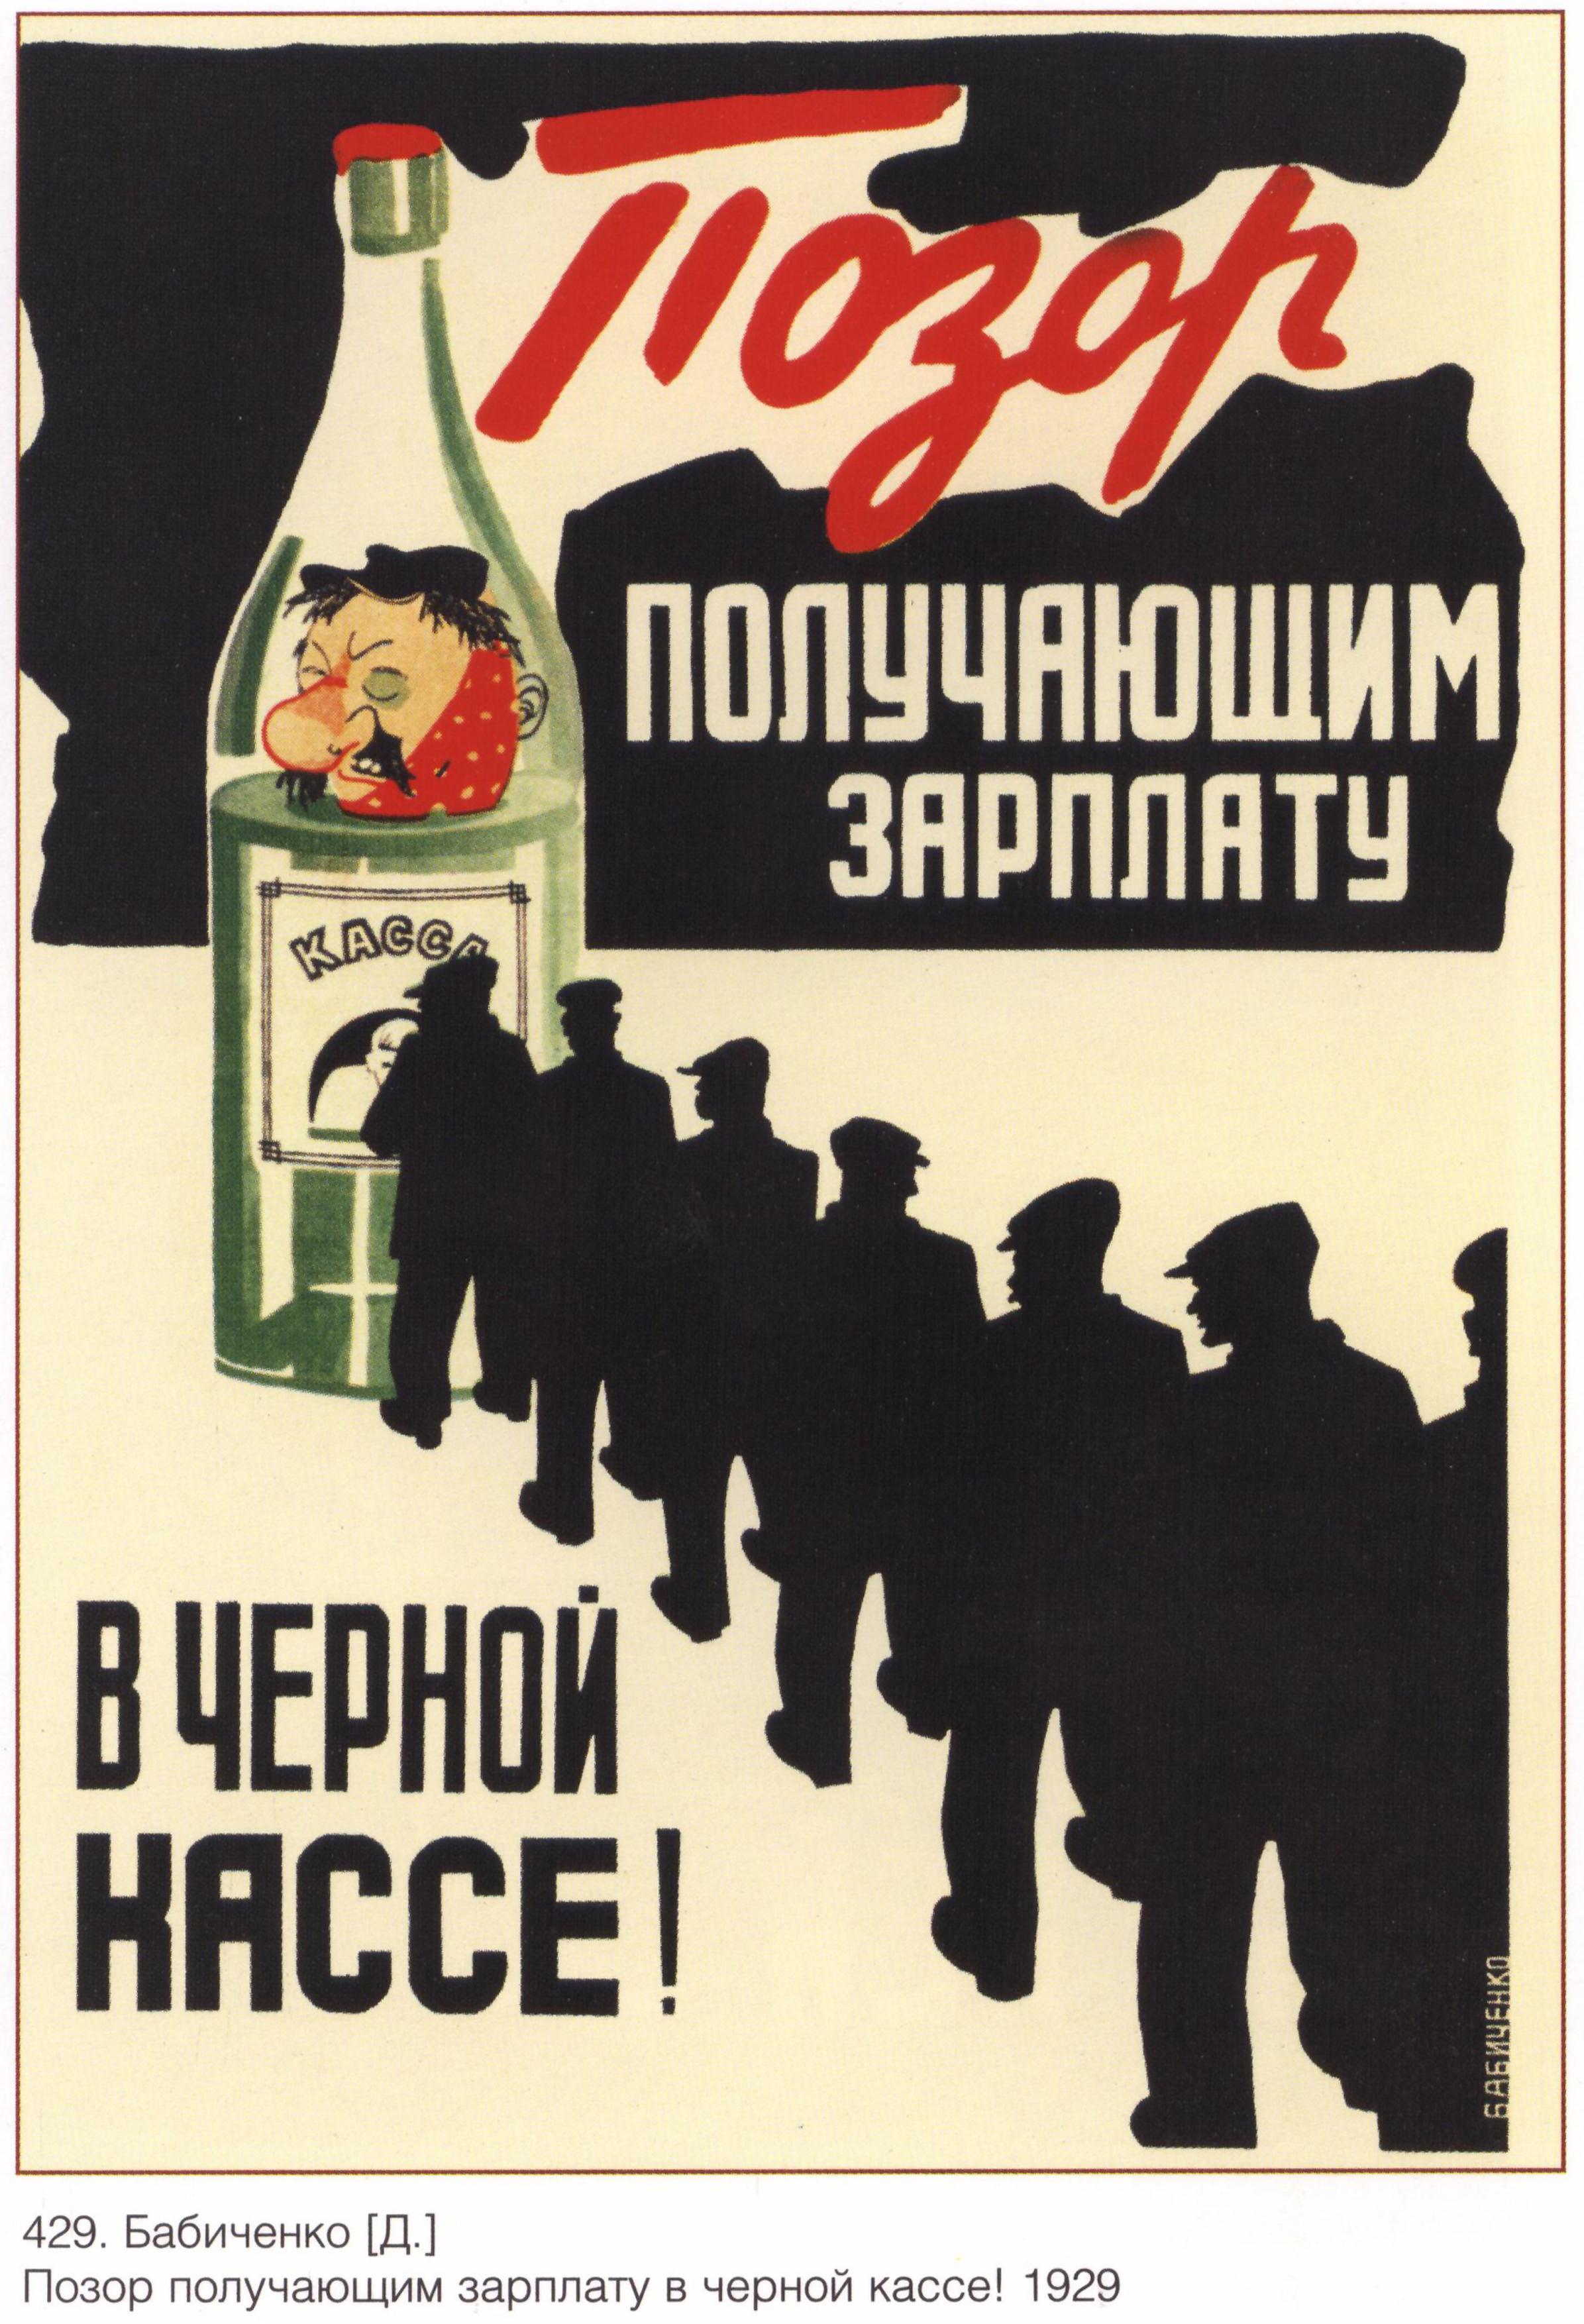 Советские антиалкогольные плакаты пропагандирующие трезвый образ жизни.